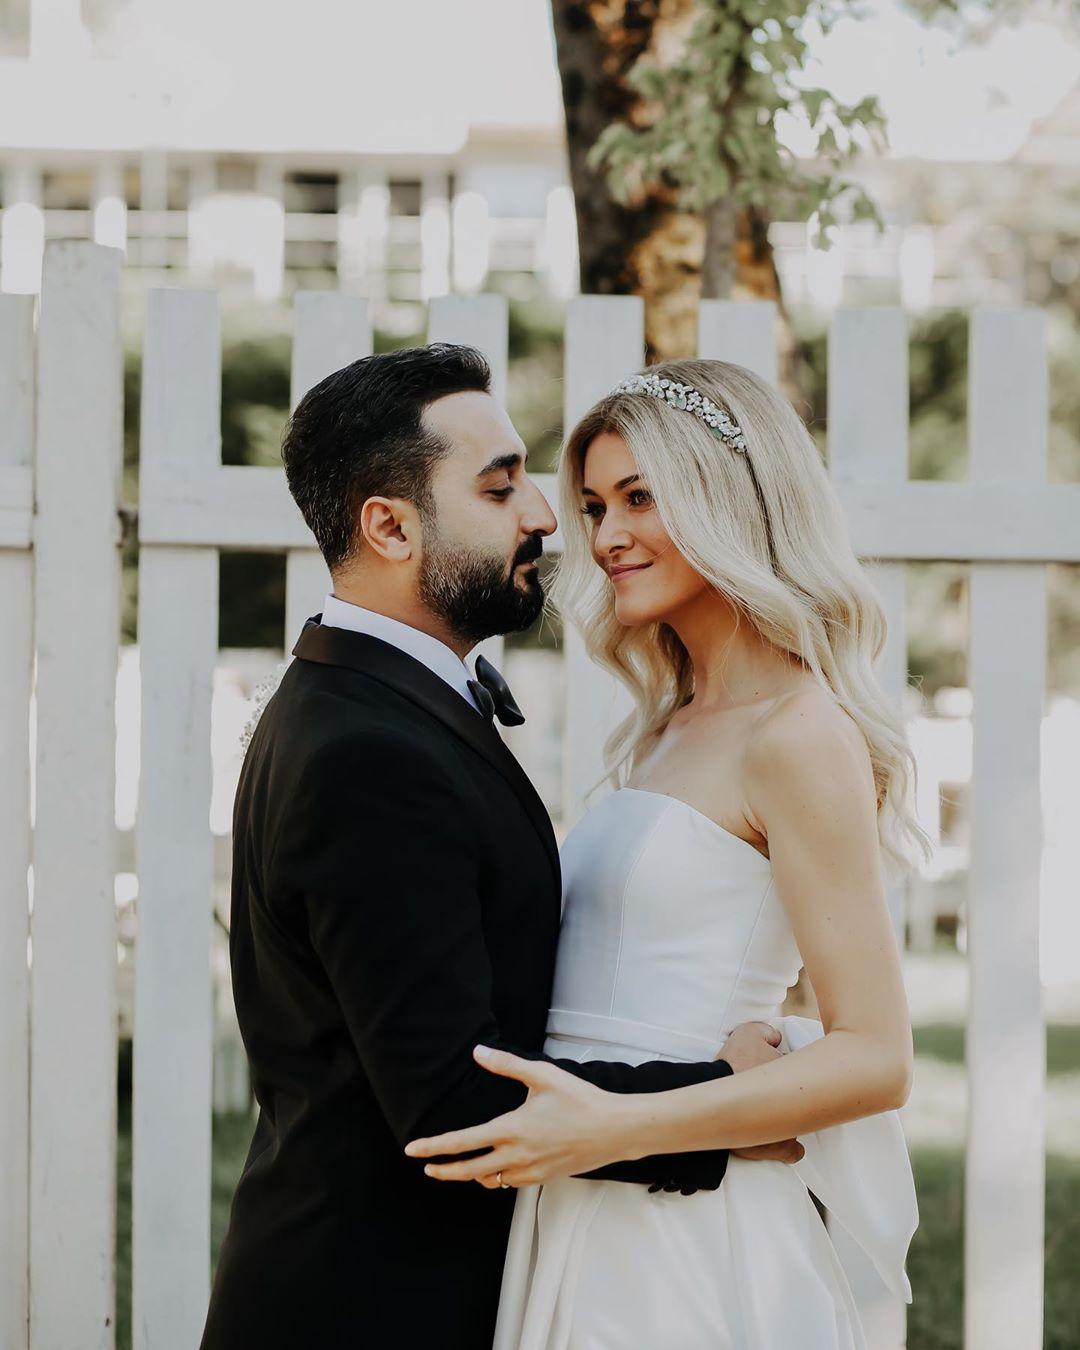 Onur Buldu ile Duygu Koz un erteledikleri düğün gerçekleşti #1